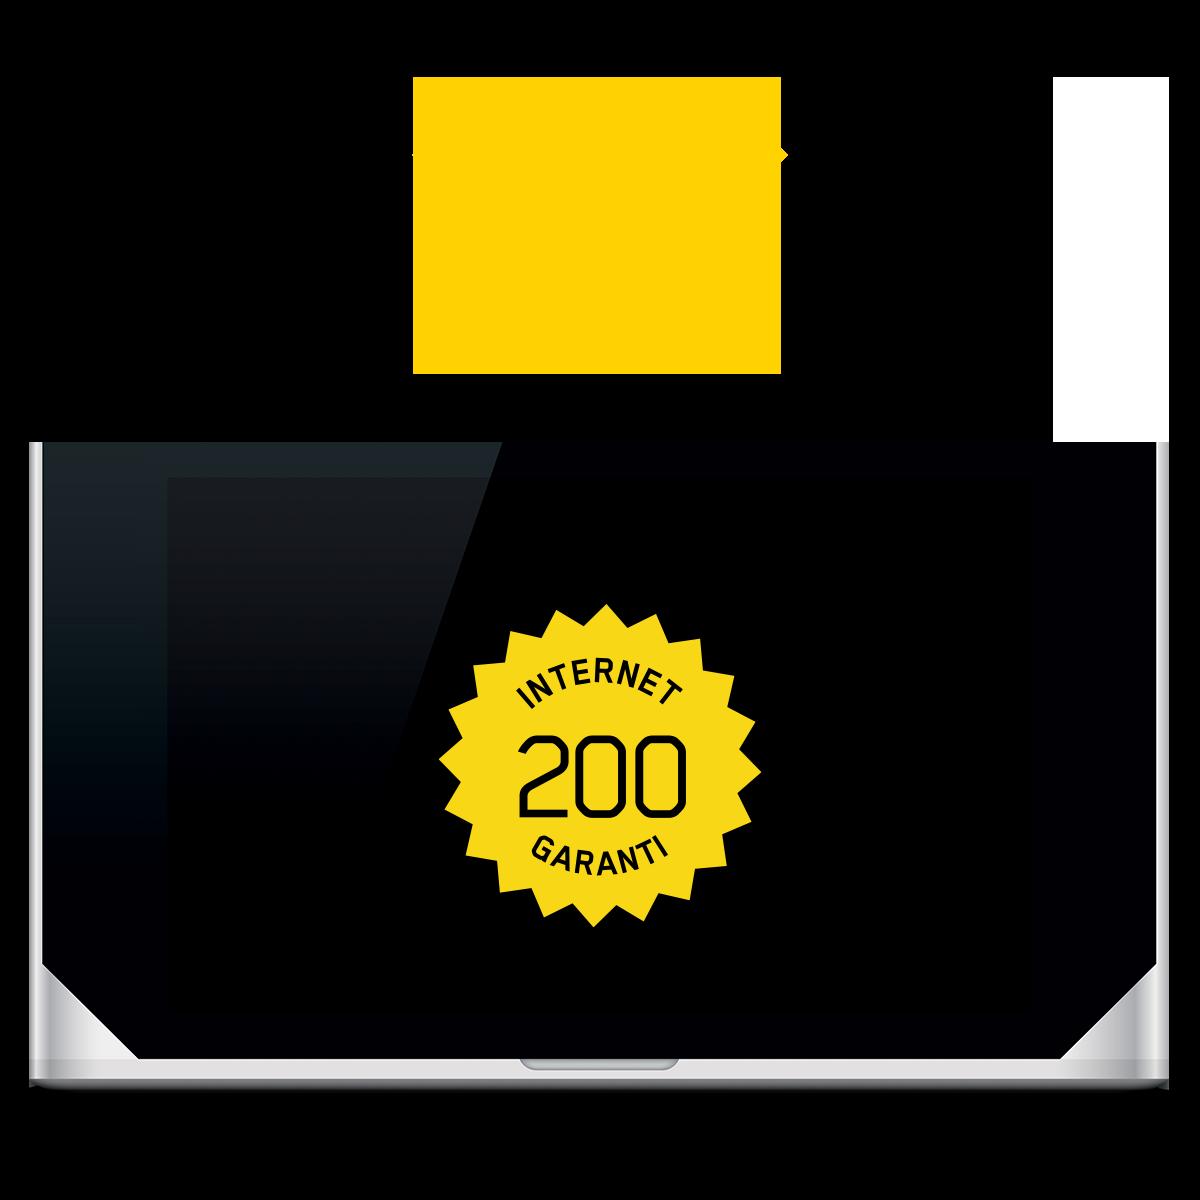 INTERNET GARANTI 200 + WI-FI PRO